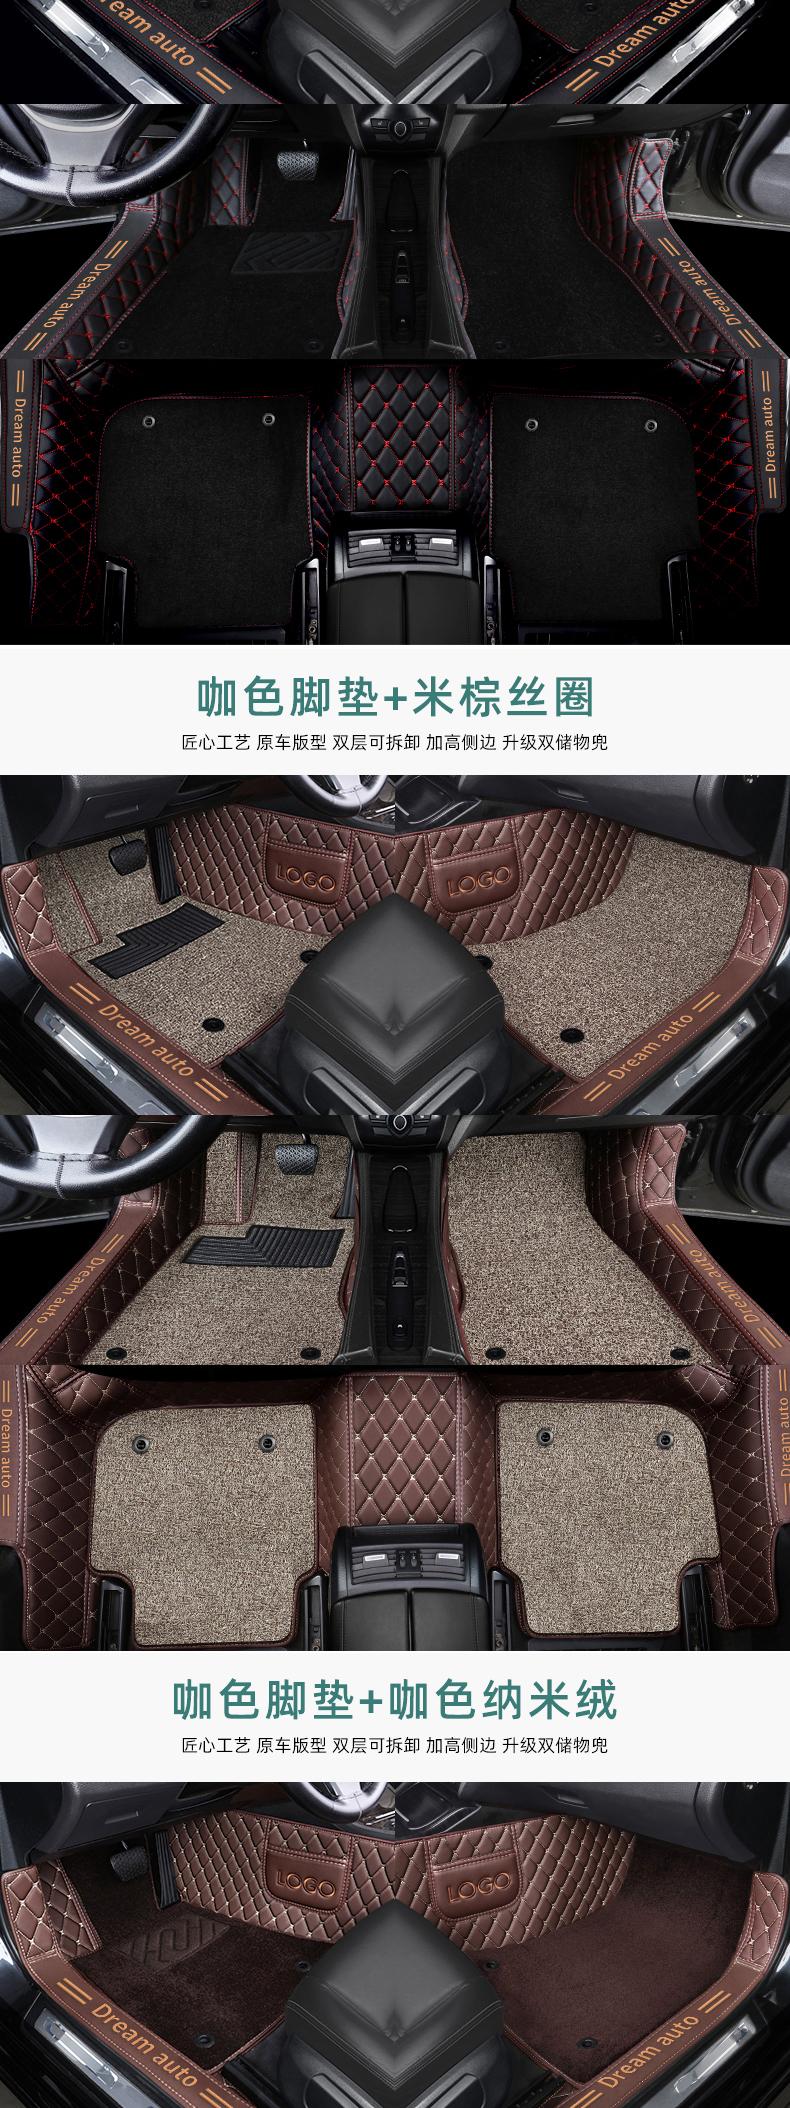 适用于福斯脚垫款全包围传奇全新款汽车脚垫专用详细照片